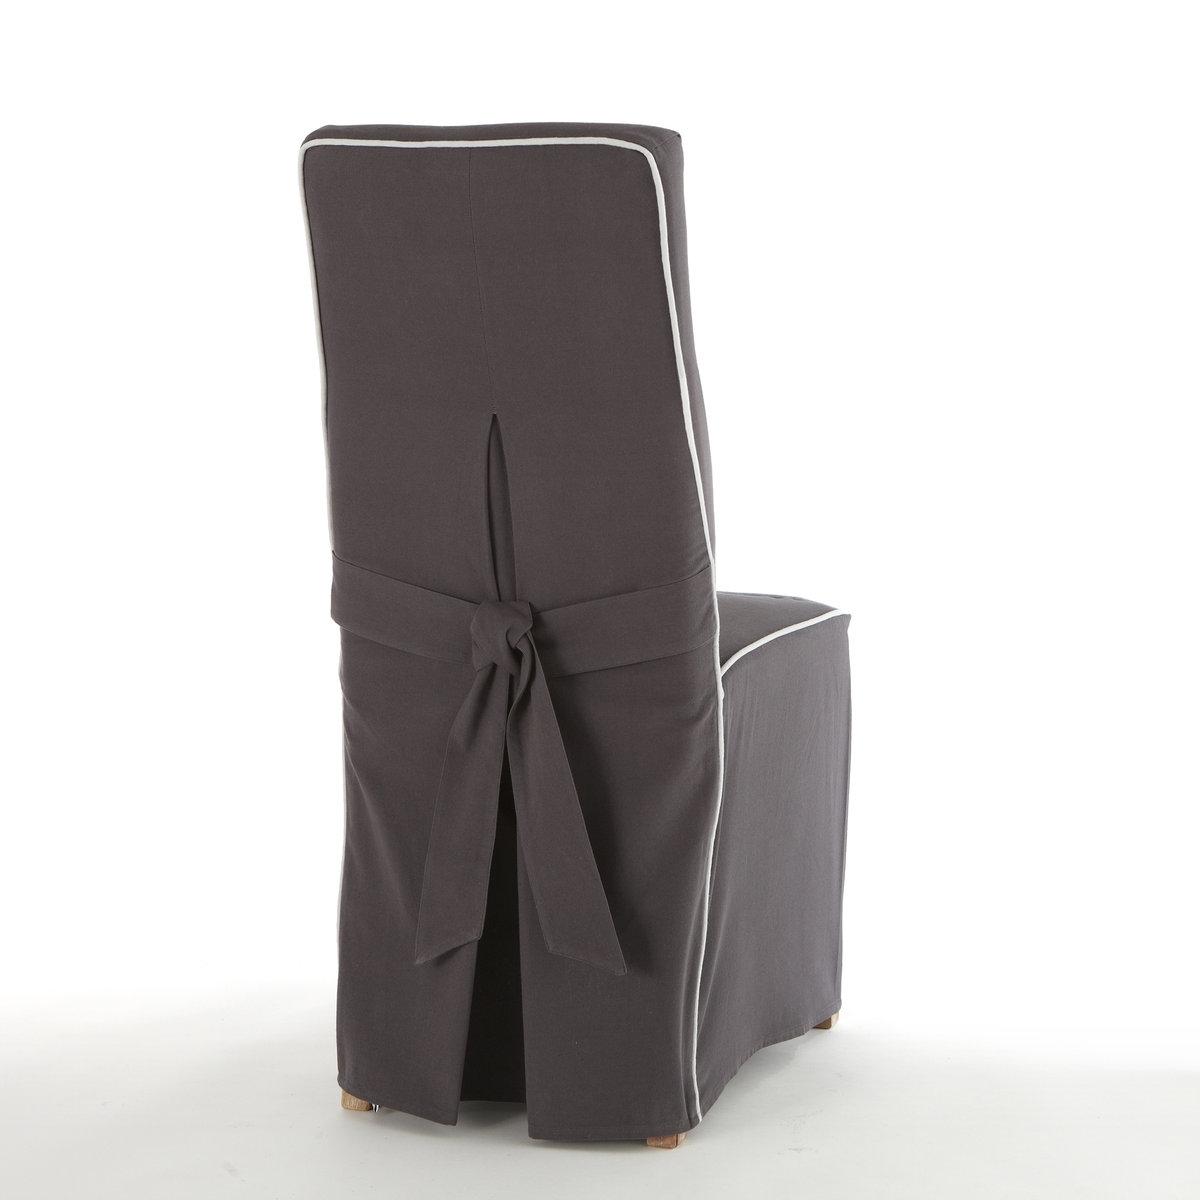 Чехол La Redoute Для стула Bridgy единый размер серый чехол для стула 128